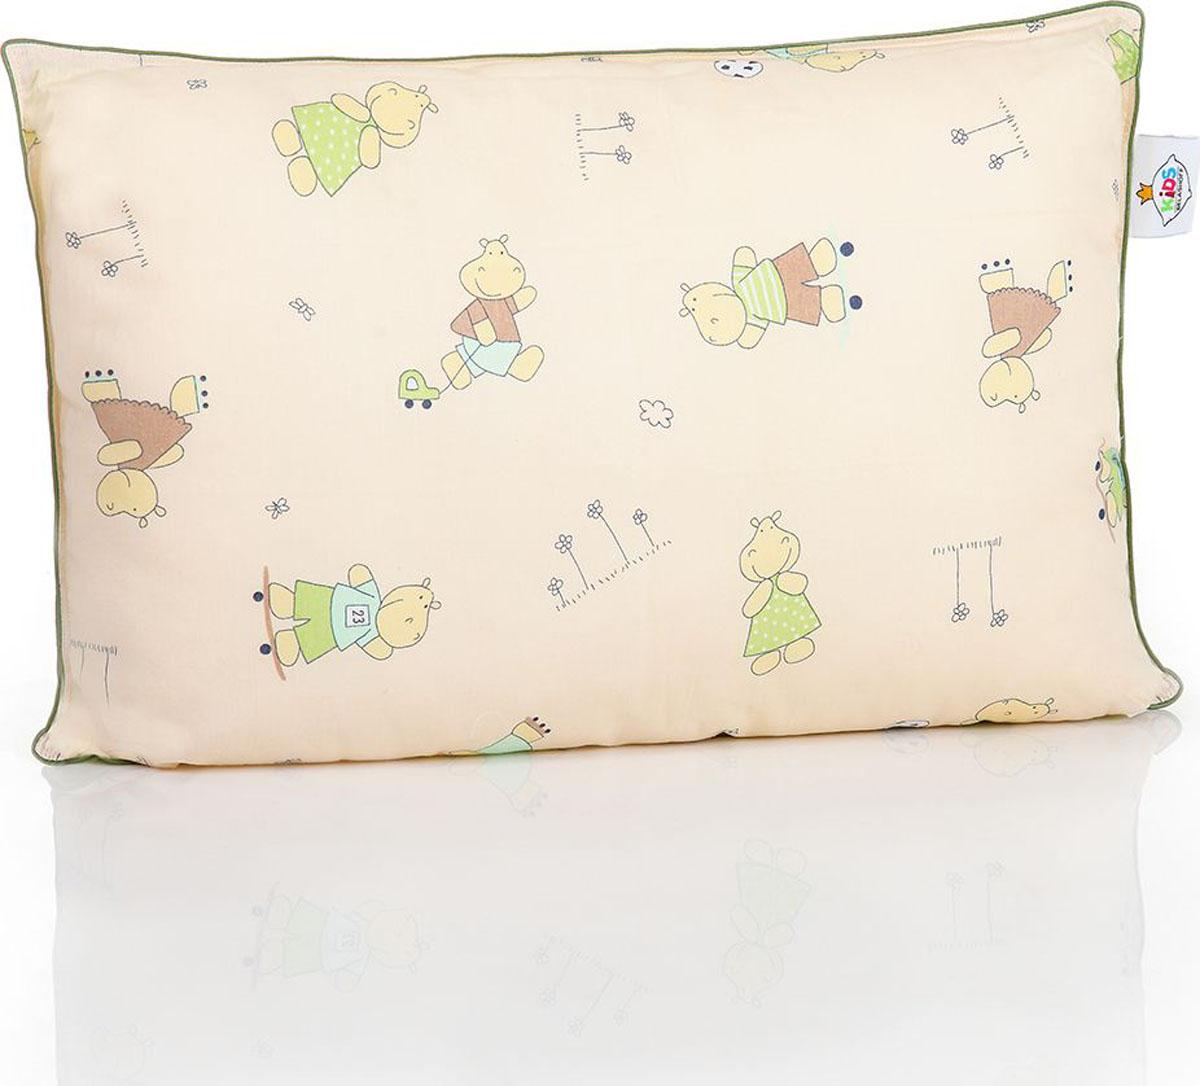 Belashoff Kids Подушка детская Наша Умничка цвет бежевый зеленый 50 x 70 смКЛП7Коллекция Наша Умничка – разнообразные продукты для ярких детских снов!Снаружи – хлопковая ткань с забавными рисунками нежных расцветок. Ткань с подобранным компаньоном делают принадлежности для сна веселыми и красивыми. Для самых красочных и радостных детских снов.Внутри – Лебяжий пух – наполнитель из тончайшего силиконизированного микроволокна высокого качества. Он нежный, мягкий и упругий одновременно. Безопасен для детей и не вызывает аллергии.